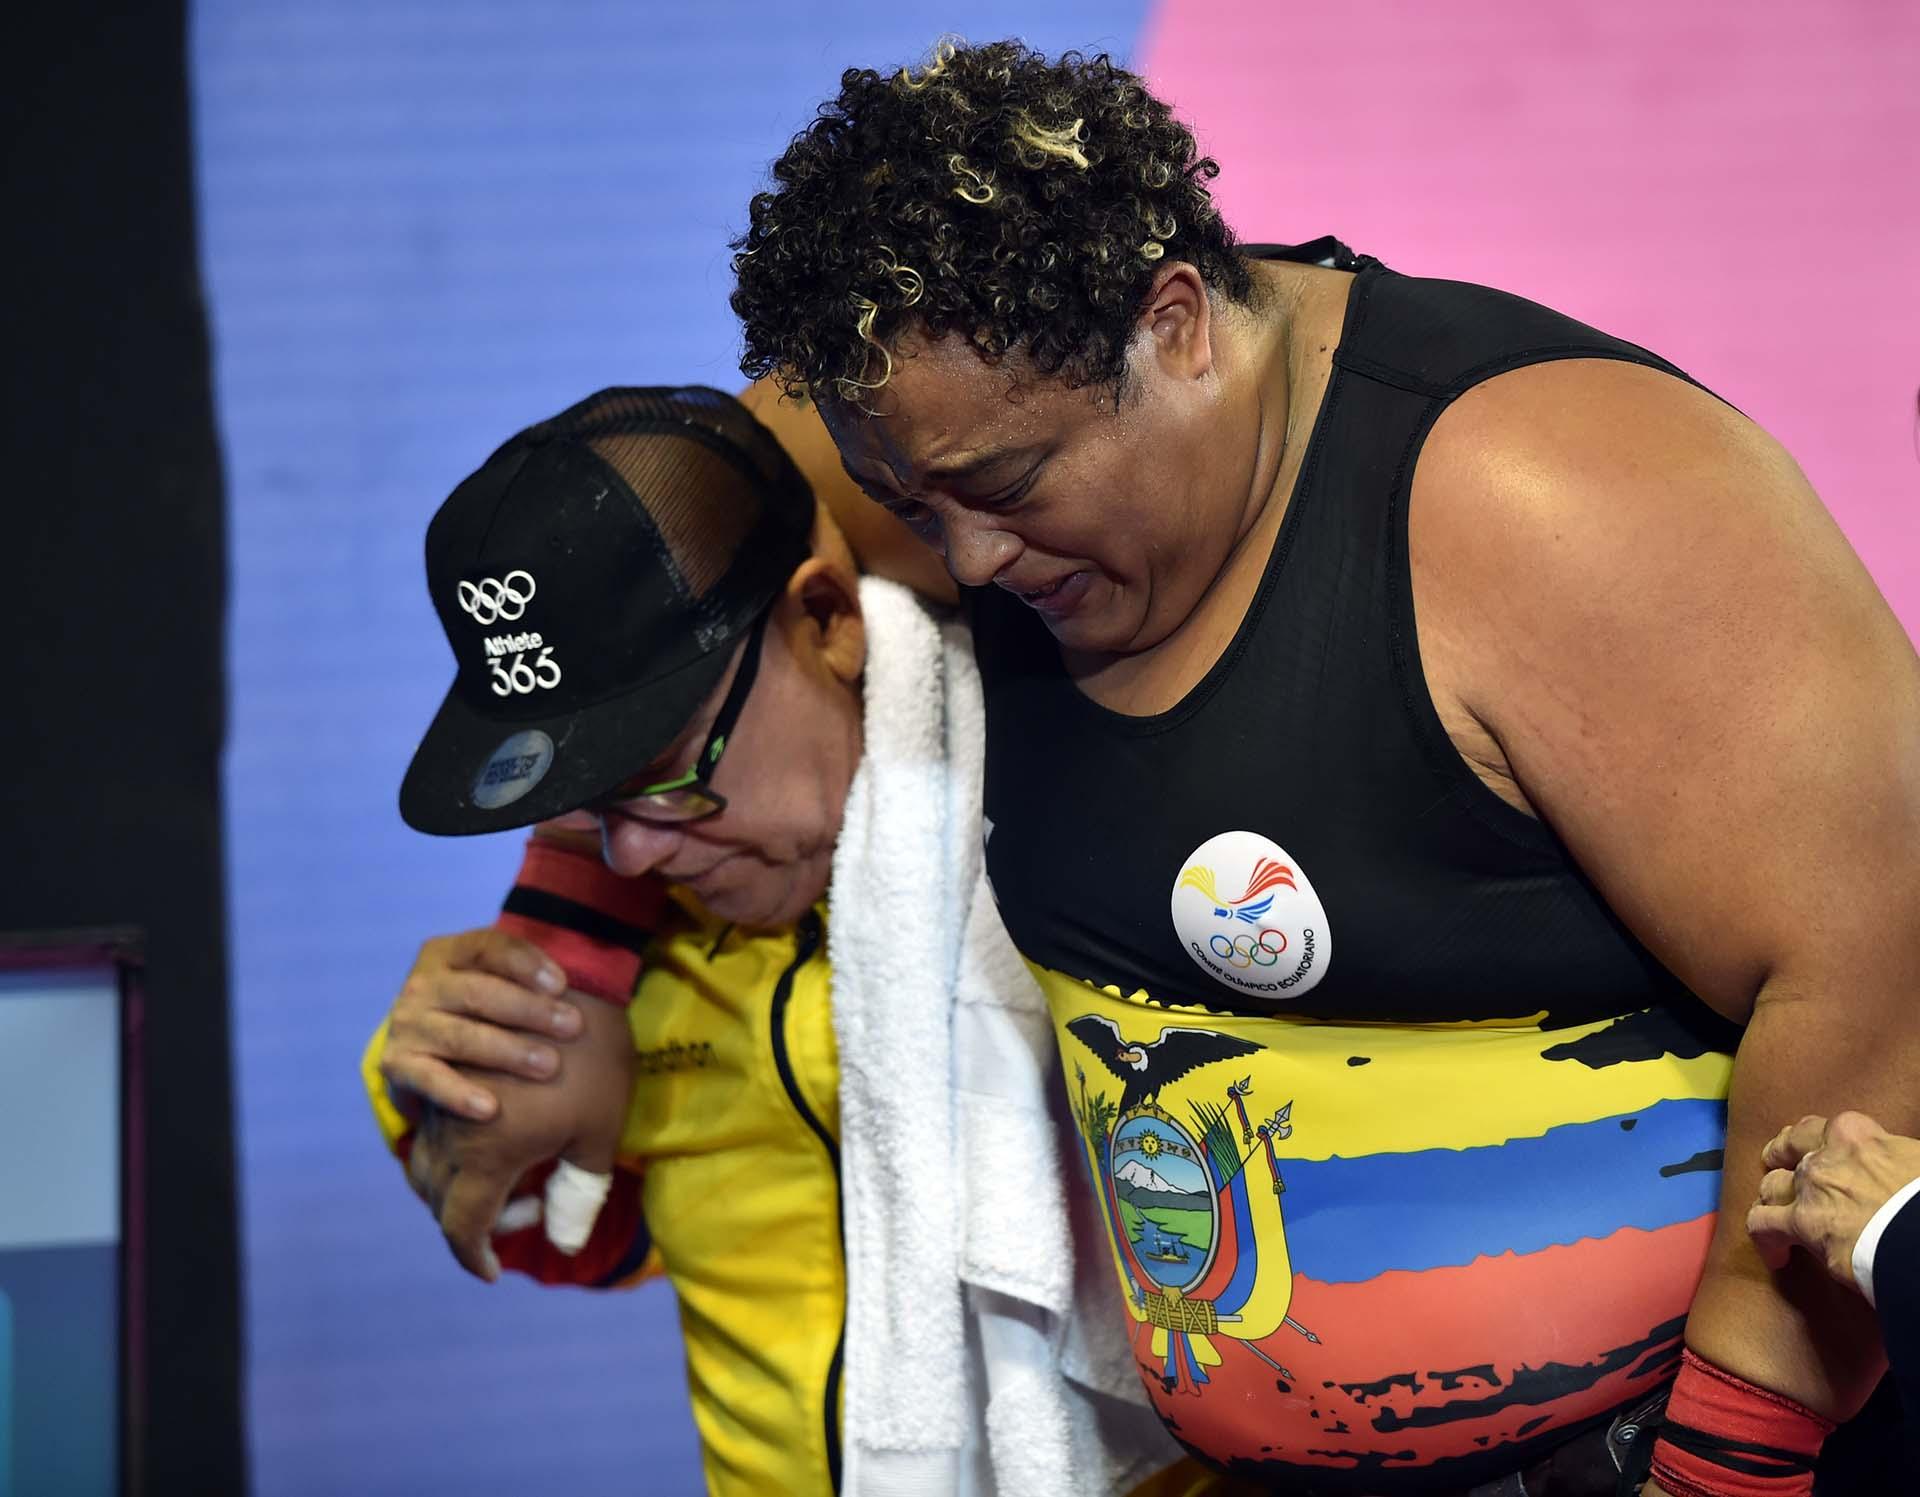 El dolor del pesista ecuatorianoFernando Salas (R) tras lesionarse en competición. (Photo by Cris BOURONCLE / AFP)